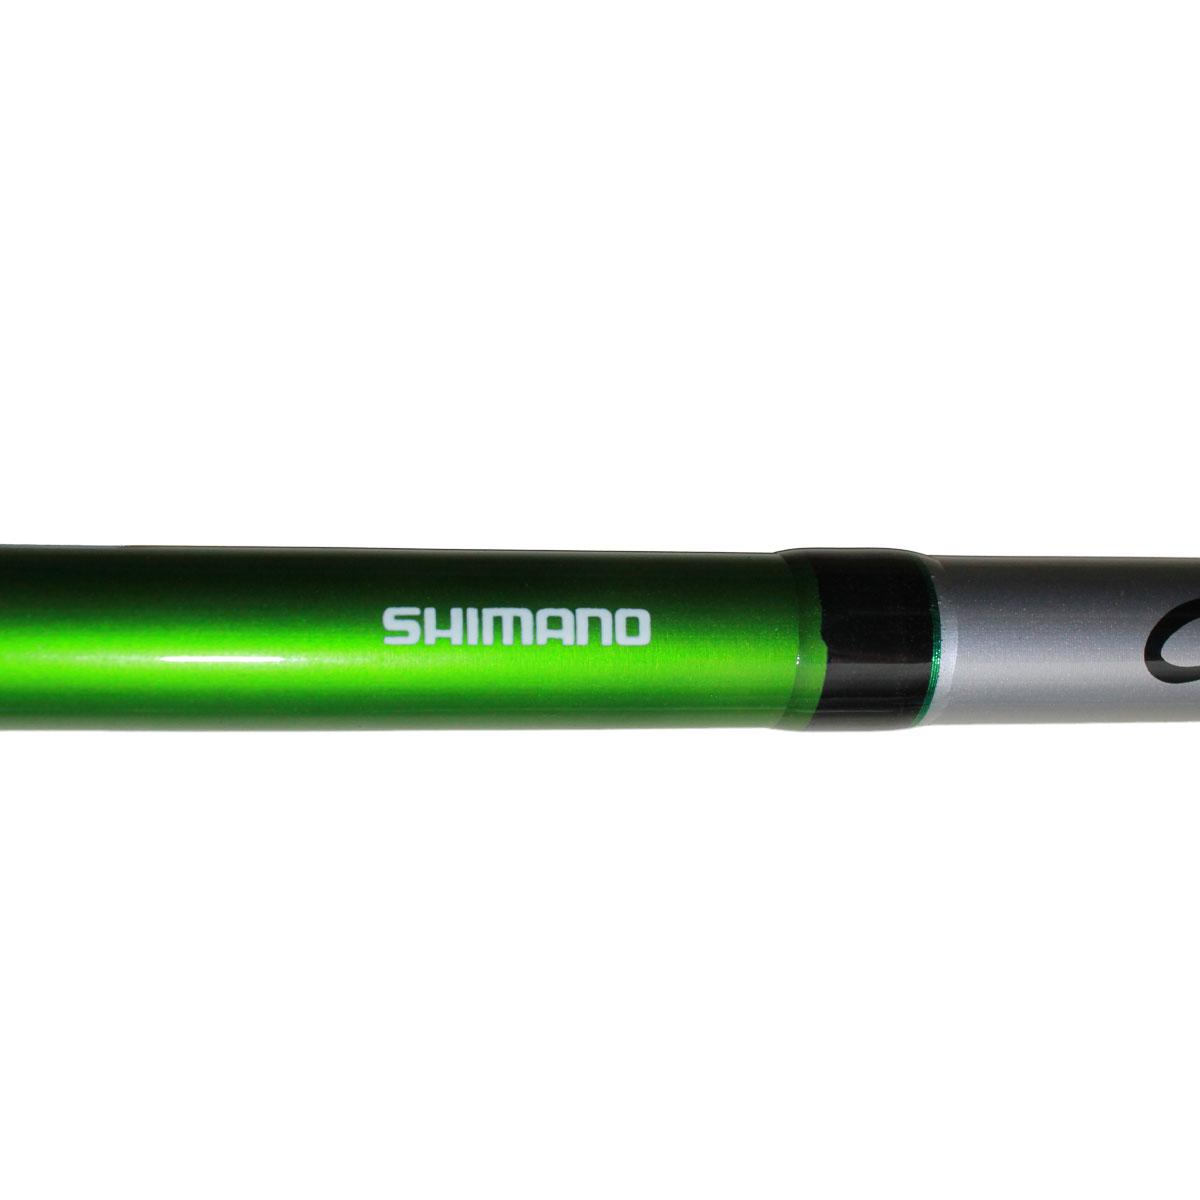 Cần Câu Máy Hai Khúc Shimano Cruzar AX 2902 Màu xanh lá 2m7